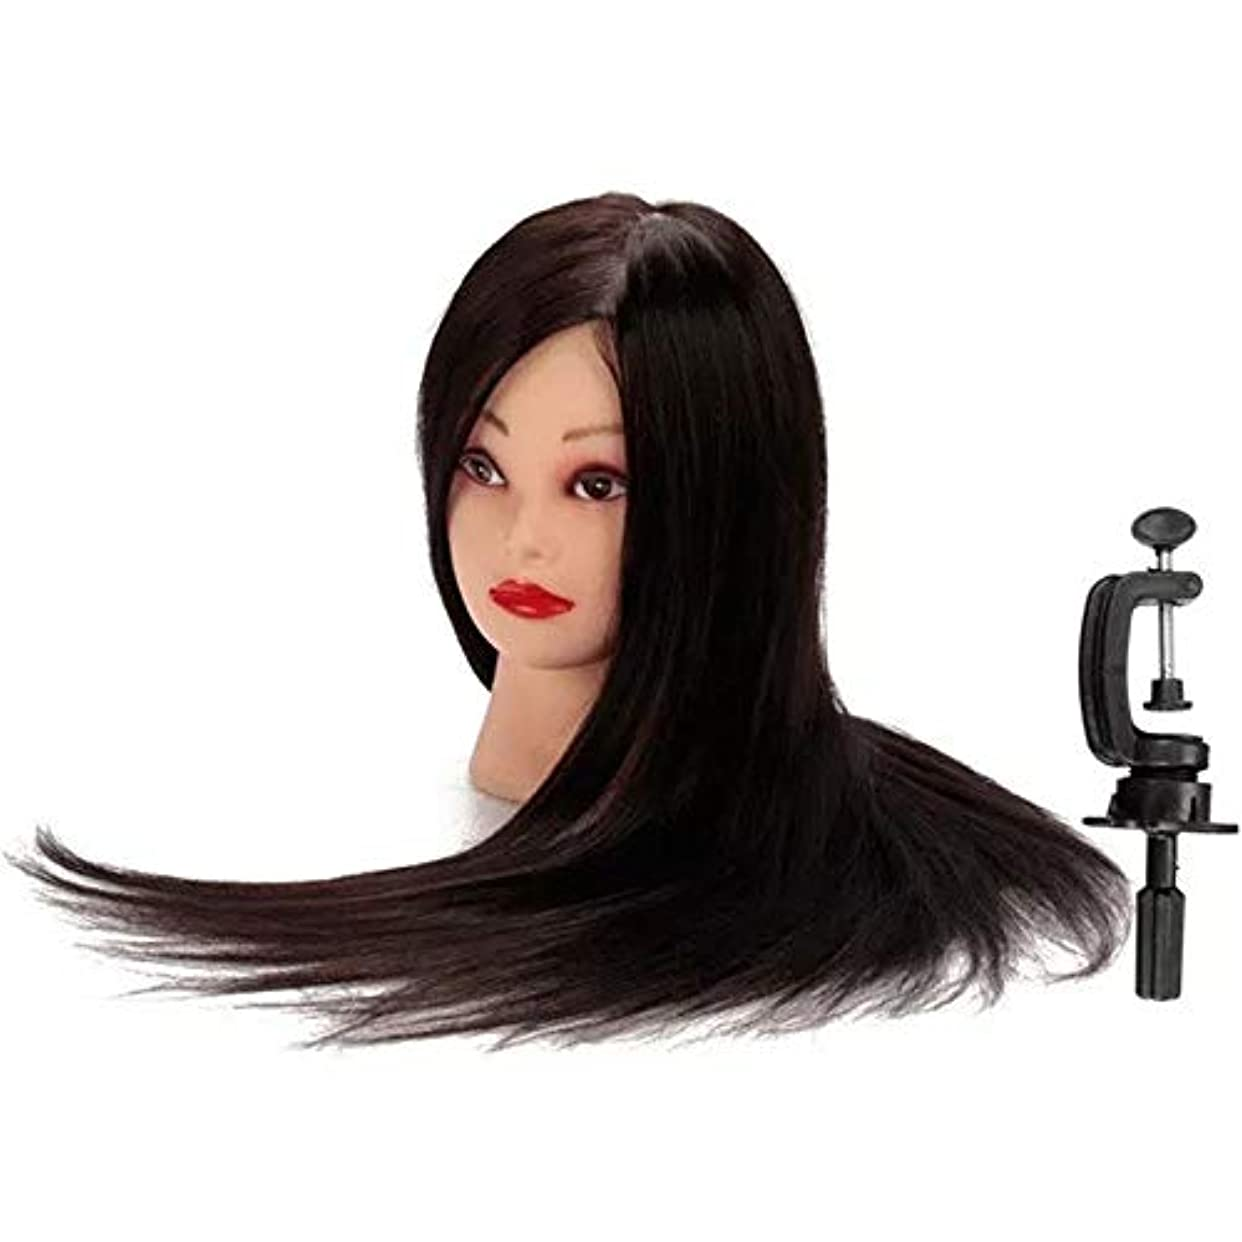 神プライム真剣にヘアマネキンヘッド 50%のブラック本物の人間の髪の毛のトレーニング頭部理髪カッティング練習マネキンモデルクランプホルダ ヘア理髪トレーニングモデル付き (色 : ブラック, サイズ : 25*15*11cm)